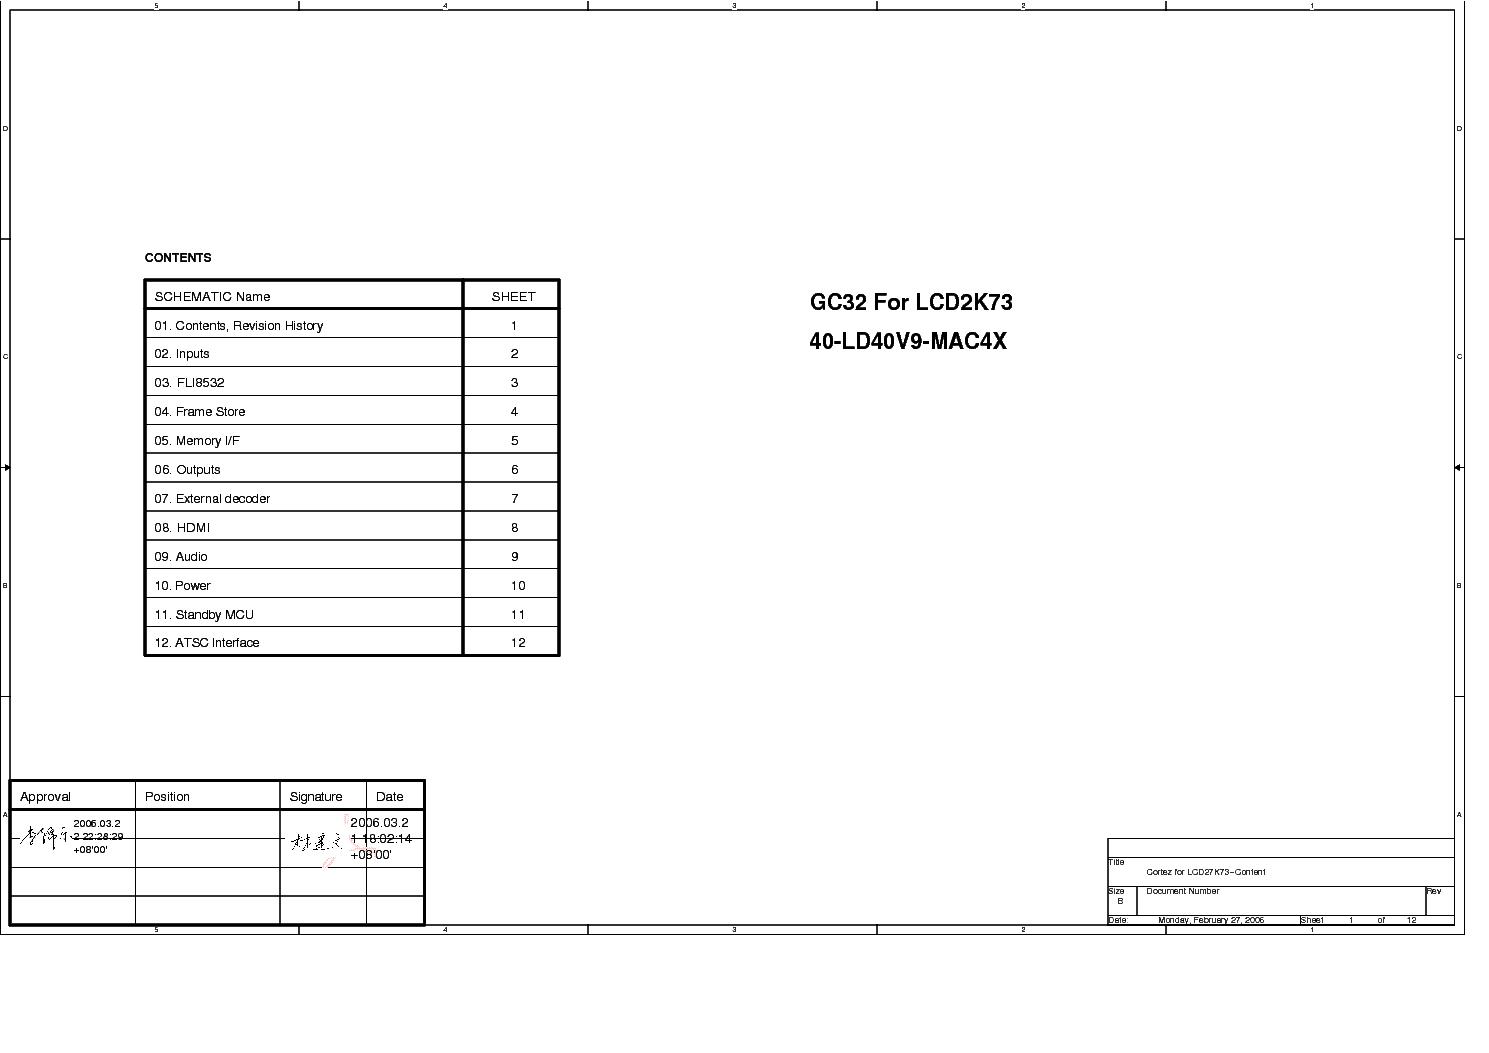 LCD LA7642 IR3Y26 LC863232B-53K7 TUNER-5V-02 NJM2368